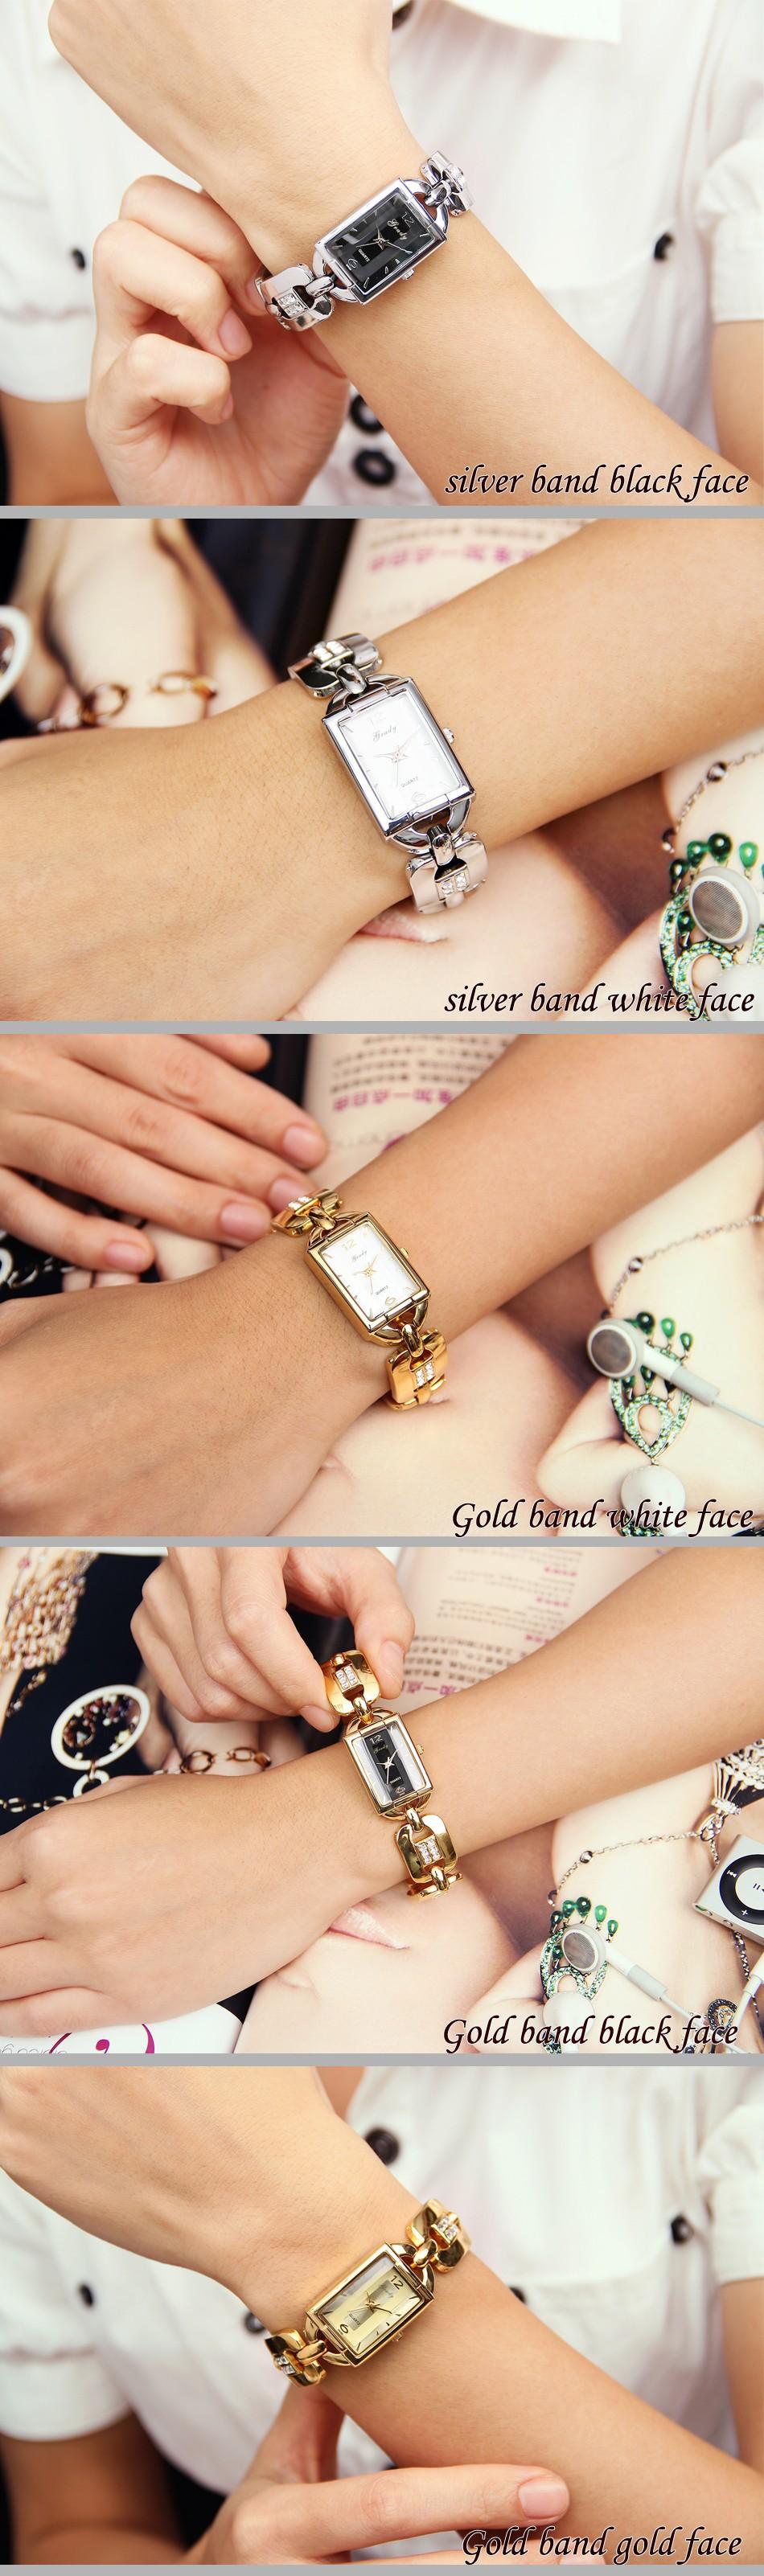 Серебряные часы женщины диаманта rhinestone наручные часы марка женщины 2016 новая мода прибытие бесплатная доставка relogio feminino